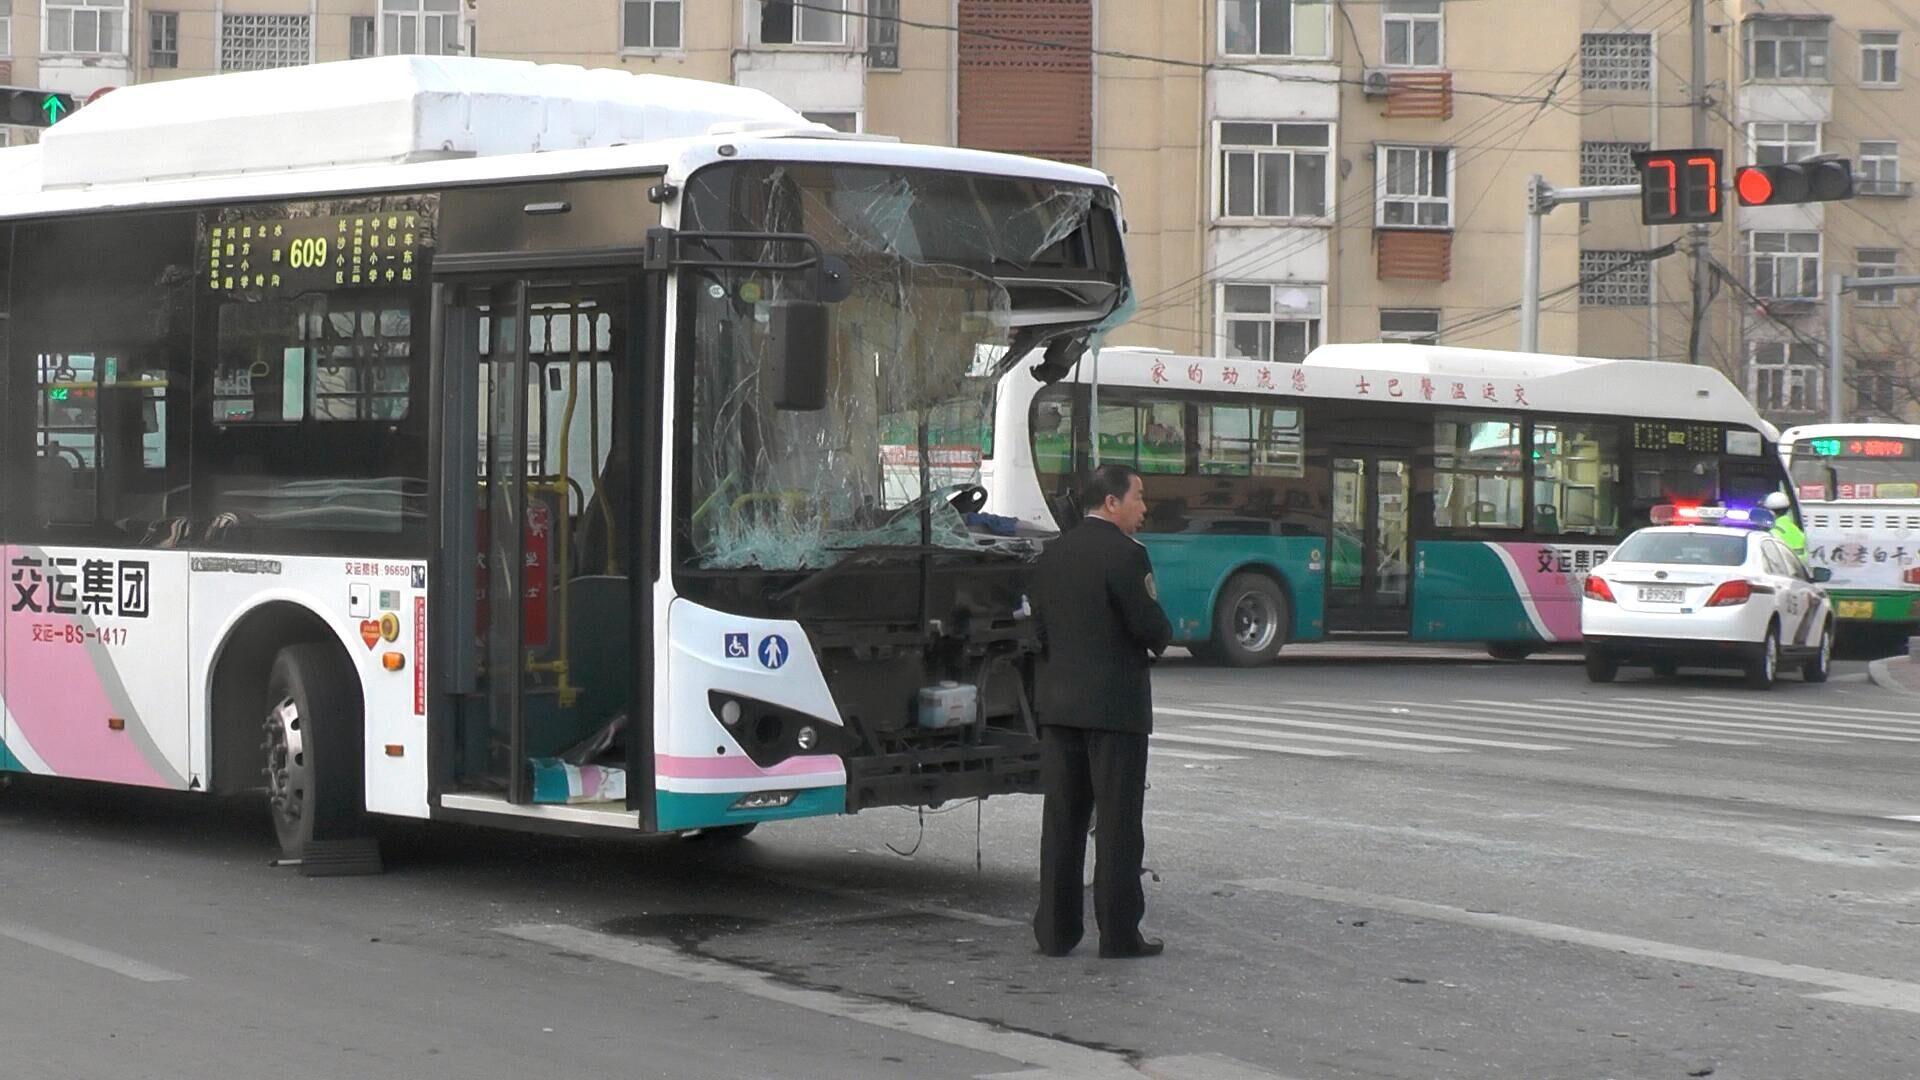 惊险!山东青岛消防车撞公交车,两车车头撞烂,有人受伤